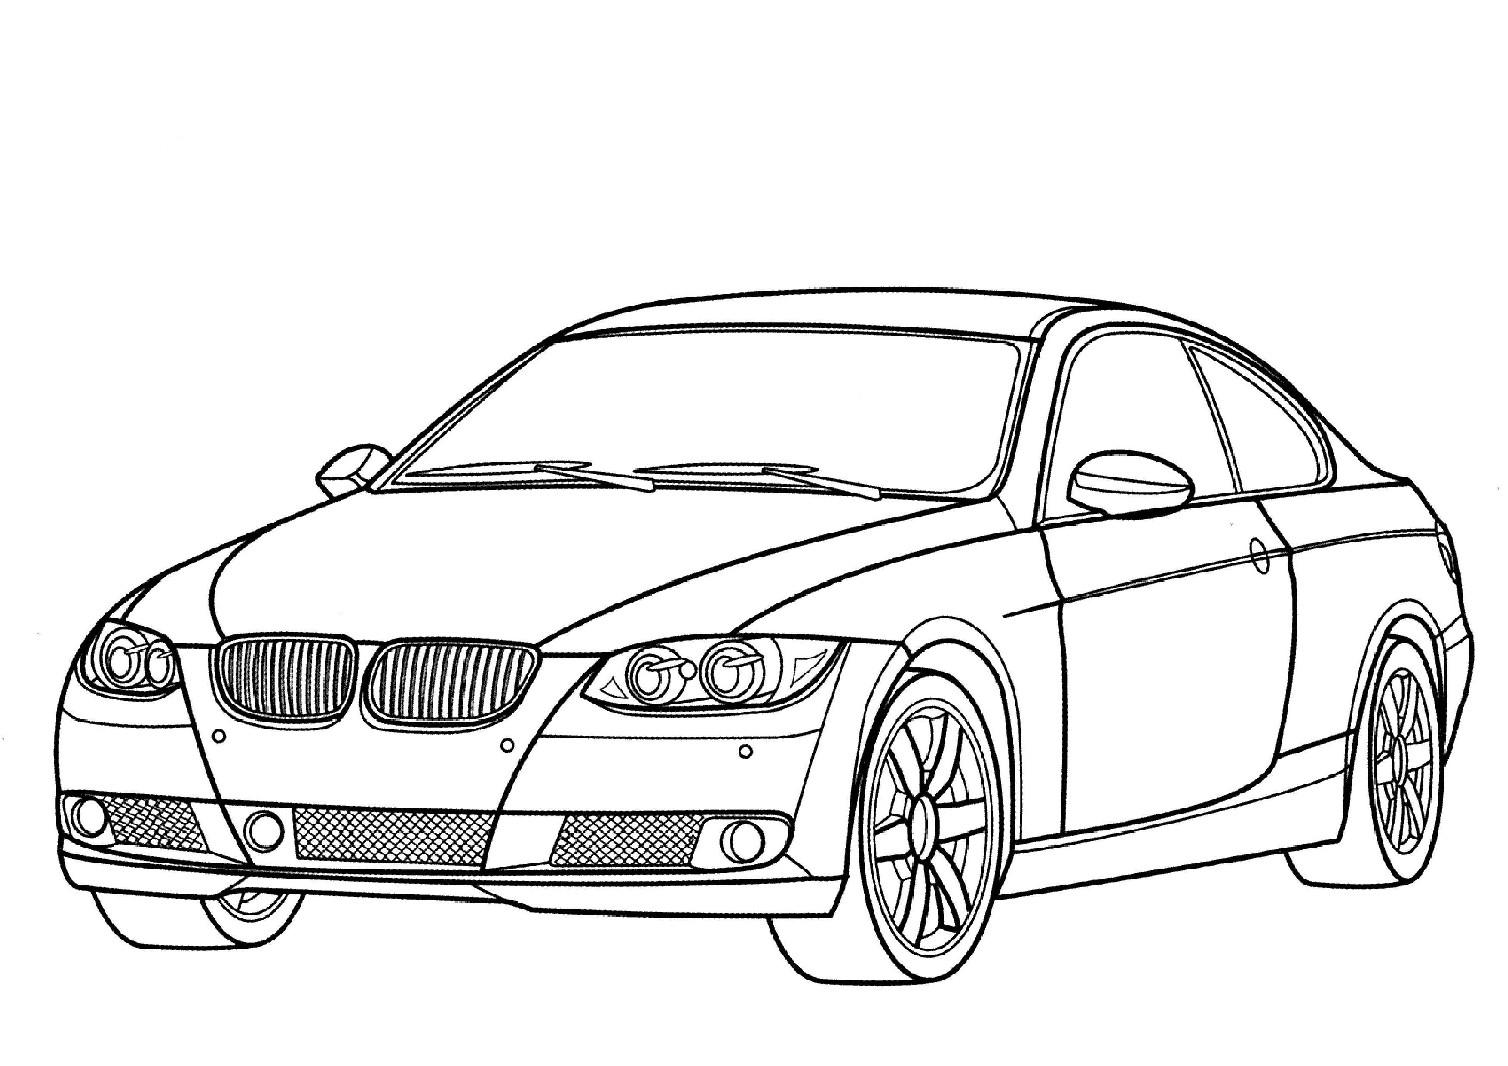 Dessin A Colorier Automobile Voiture